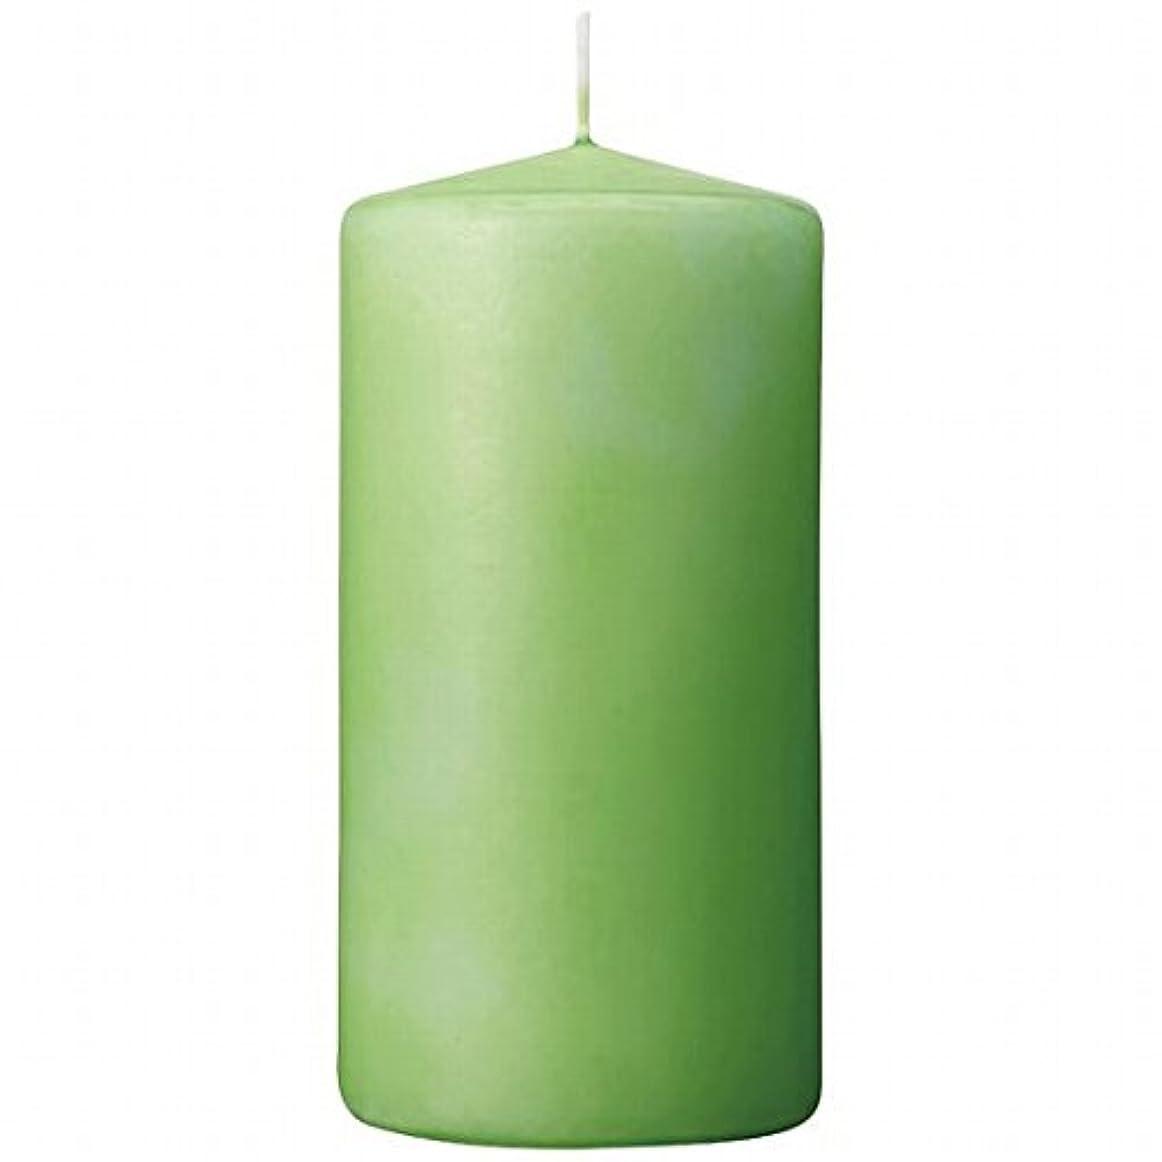 シリアル慢性的自己尊重カメヤマキャンドル(kameyama candle) 3×6ベルトップピラーキャンドル 「 ライム 」